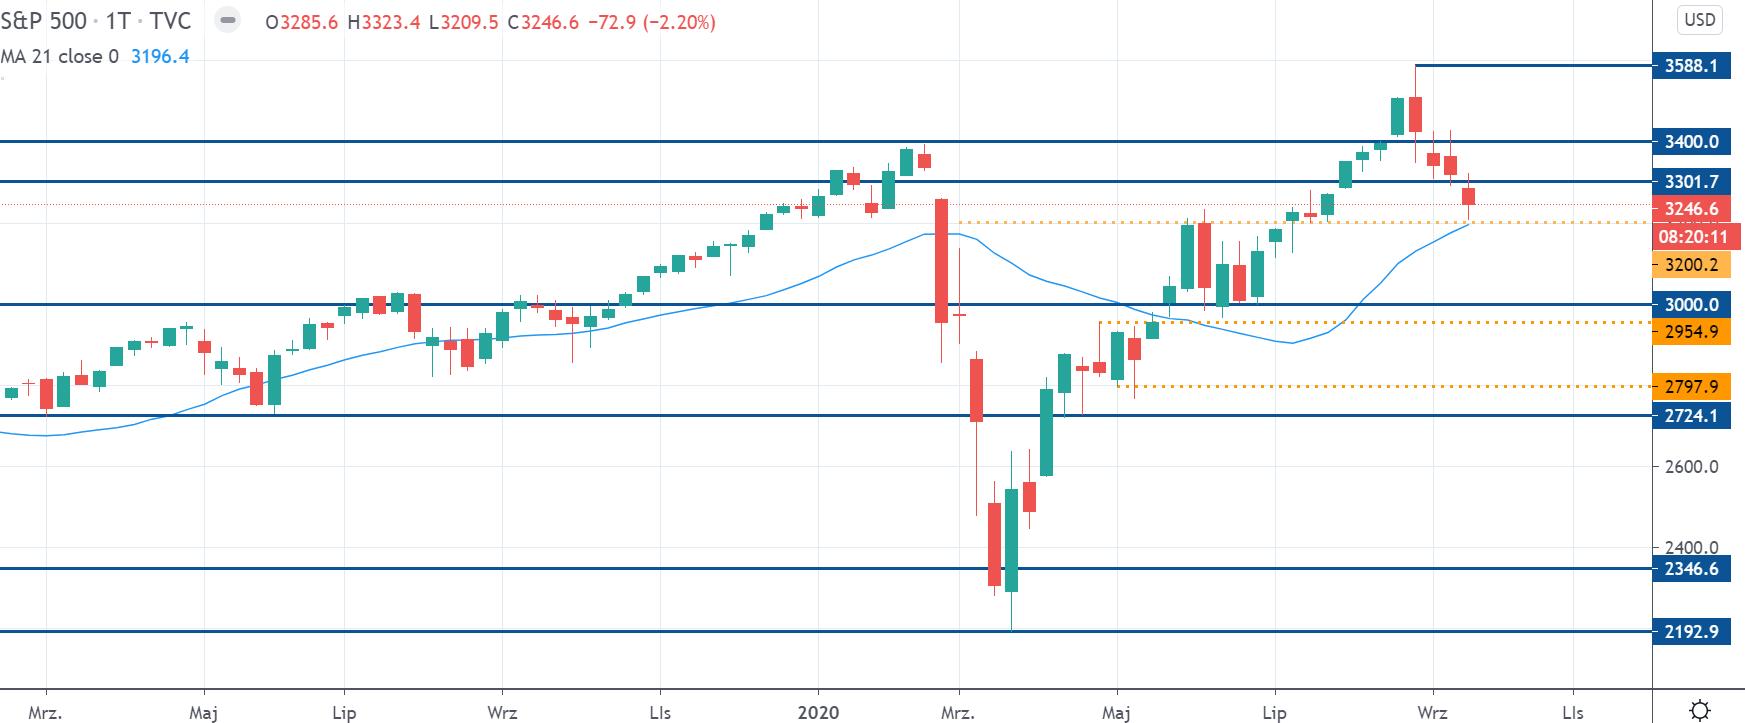 Kurs indeksu S&P 500 na interwale tygodniowym, tradingview